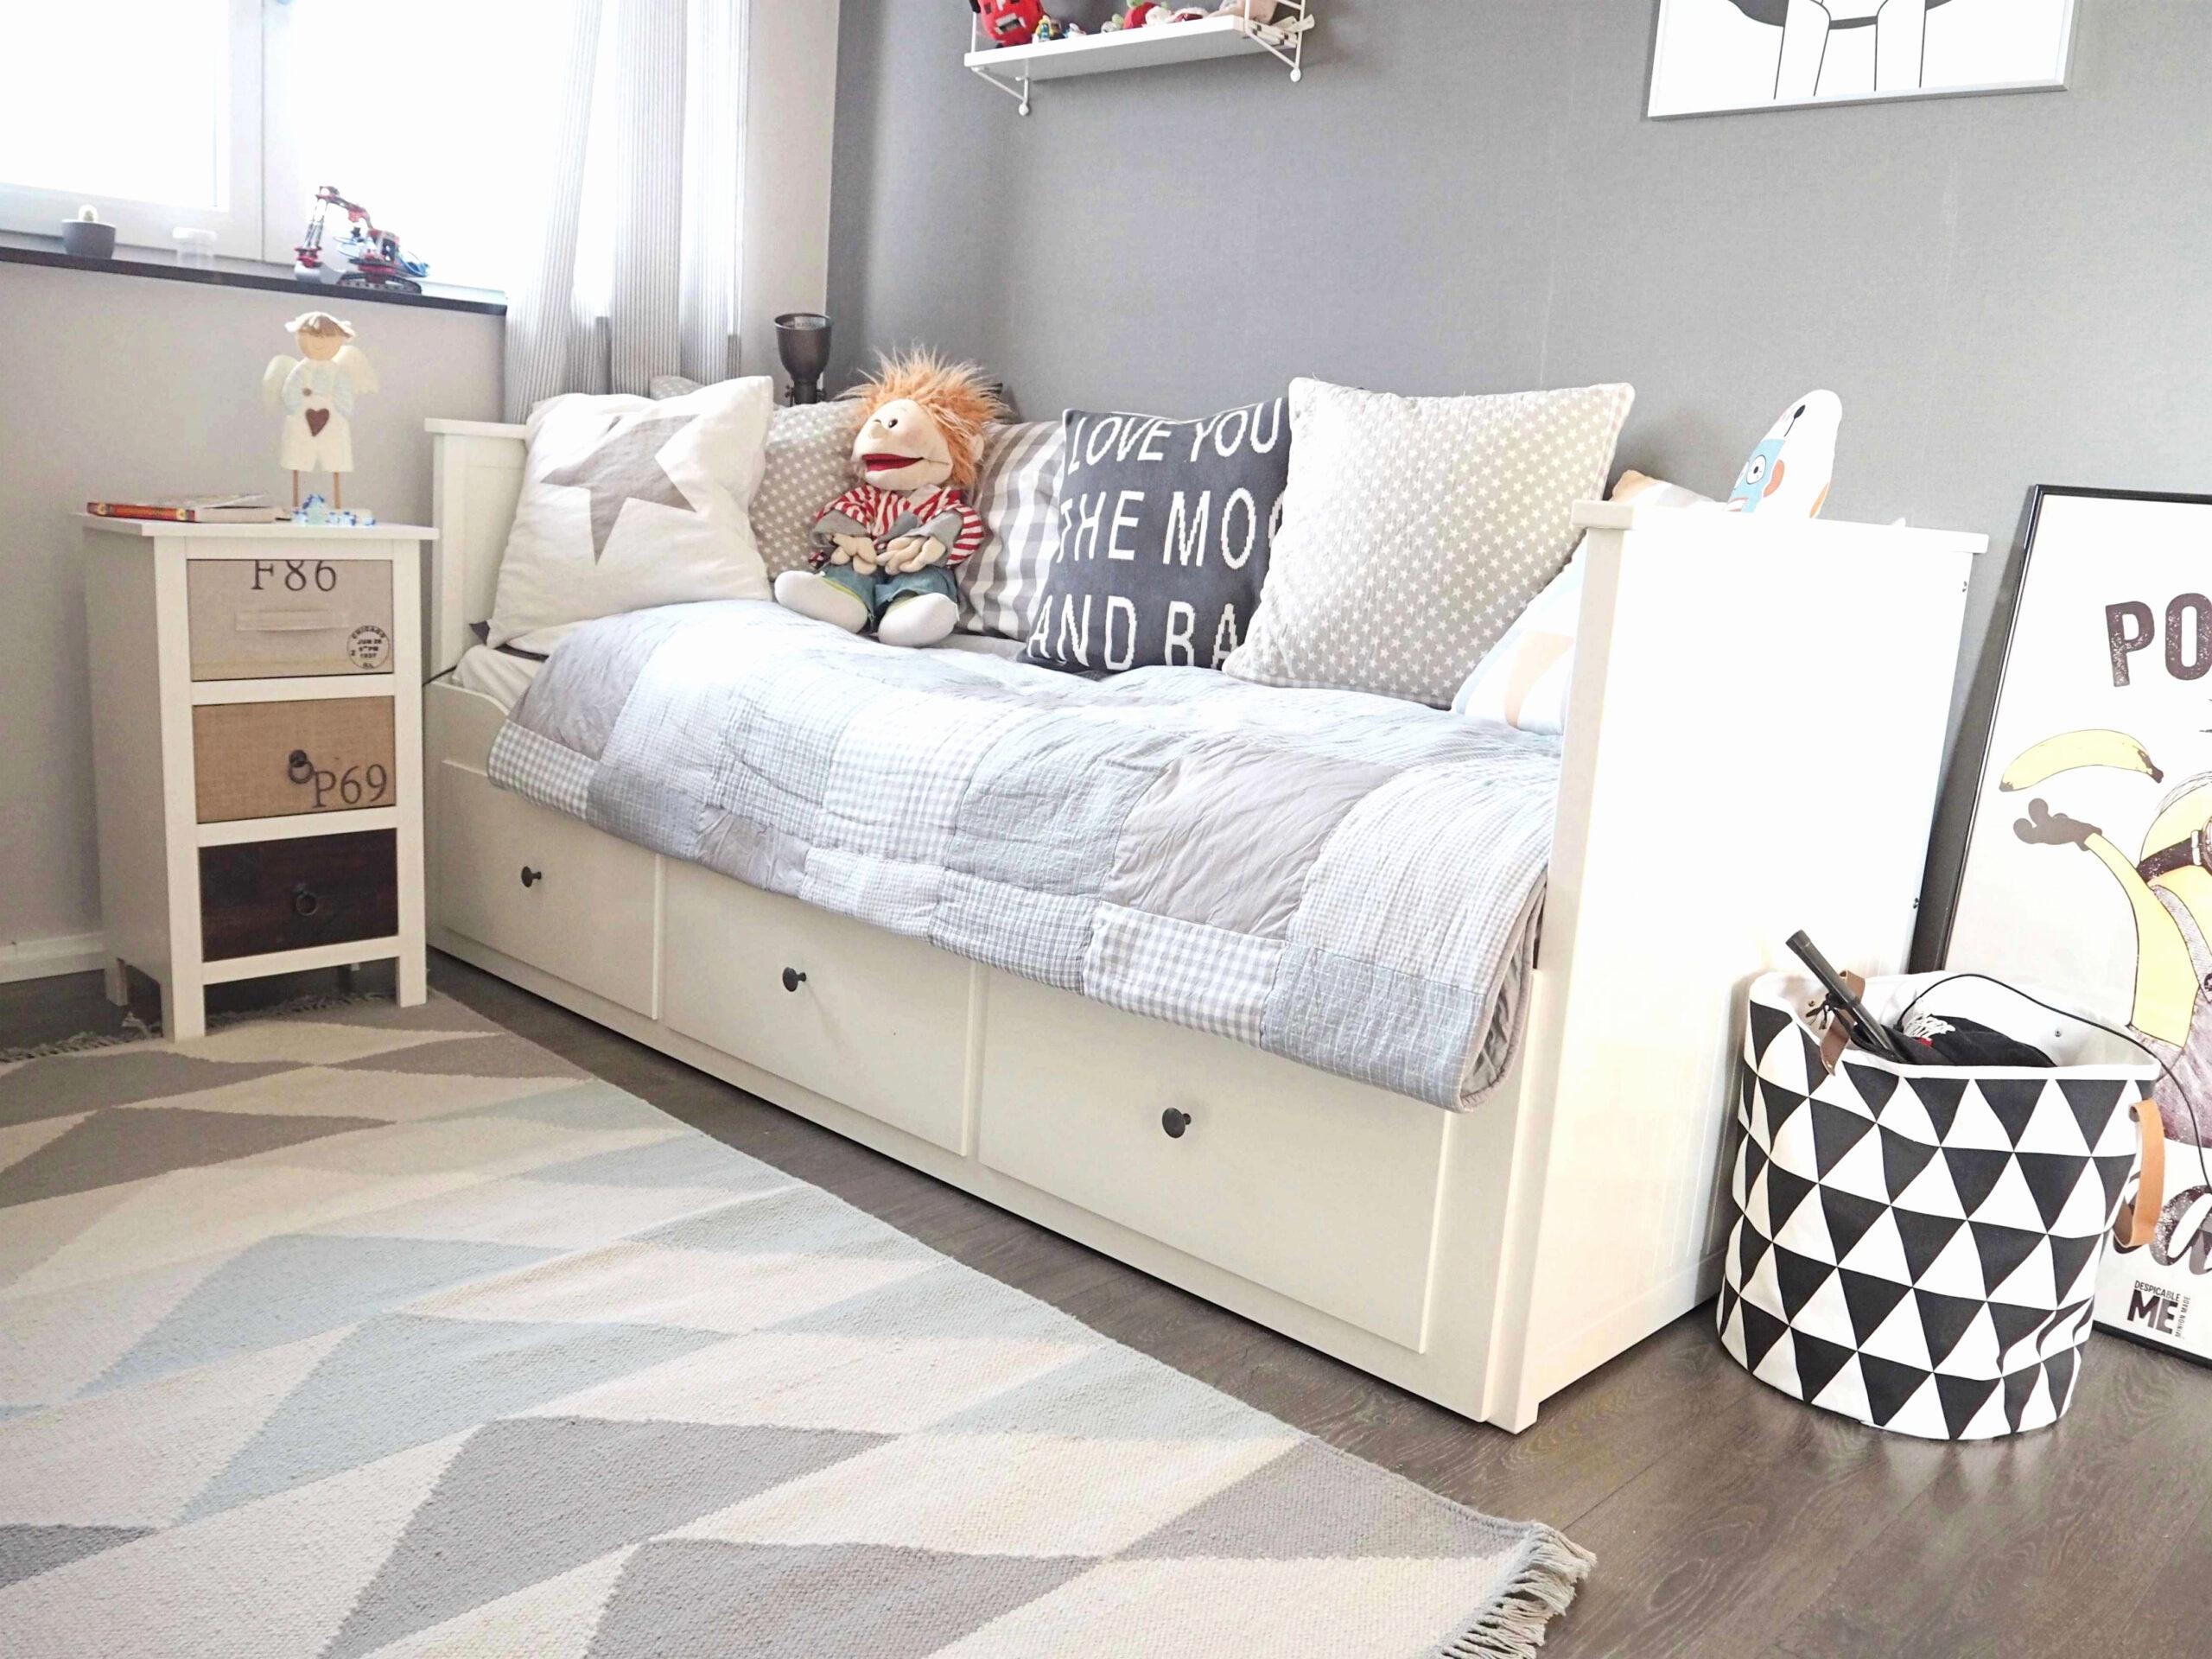 Full Size of Jugendzimmer Ikea Kleiderschrank Jungen Best Sofa Neu Küche Kaufen Kosten Modulküche Miniküche Mit Schlaffunktion Betten Bei Bett 160x200 Wohnzimmer Jugendzimmer Ikea